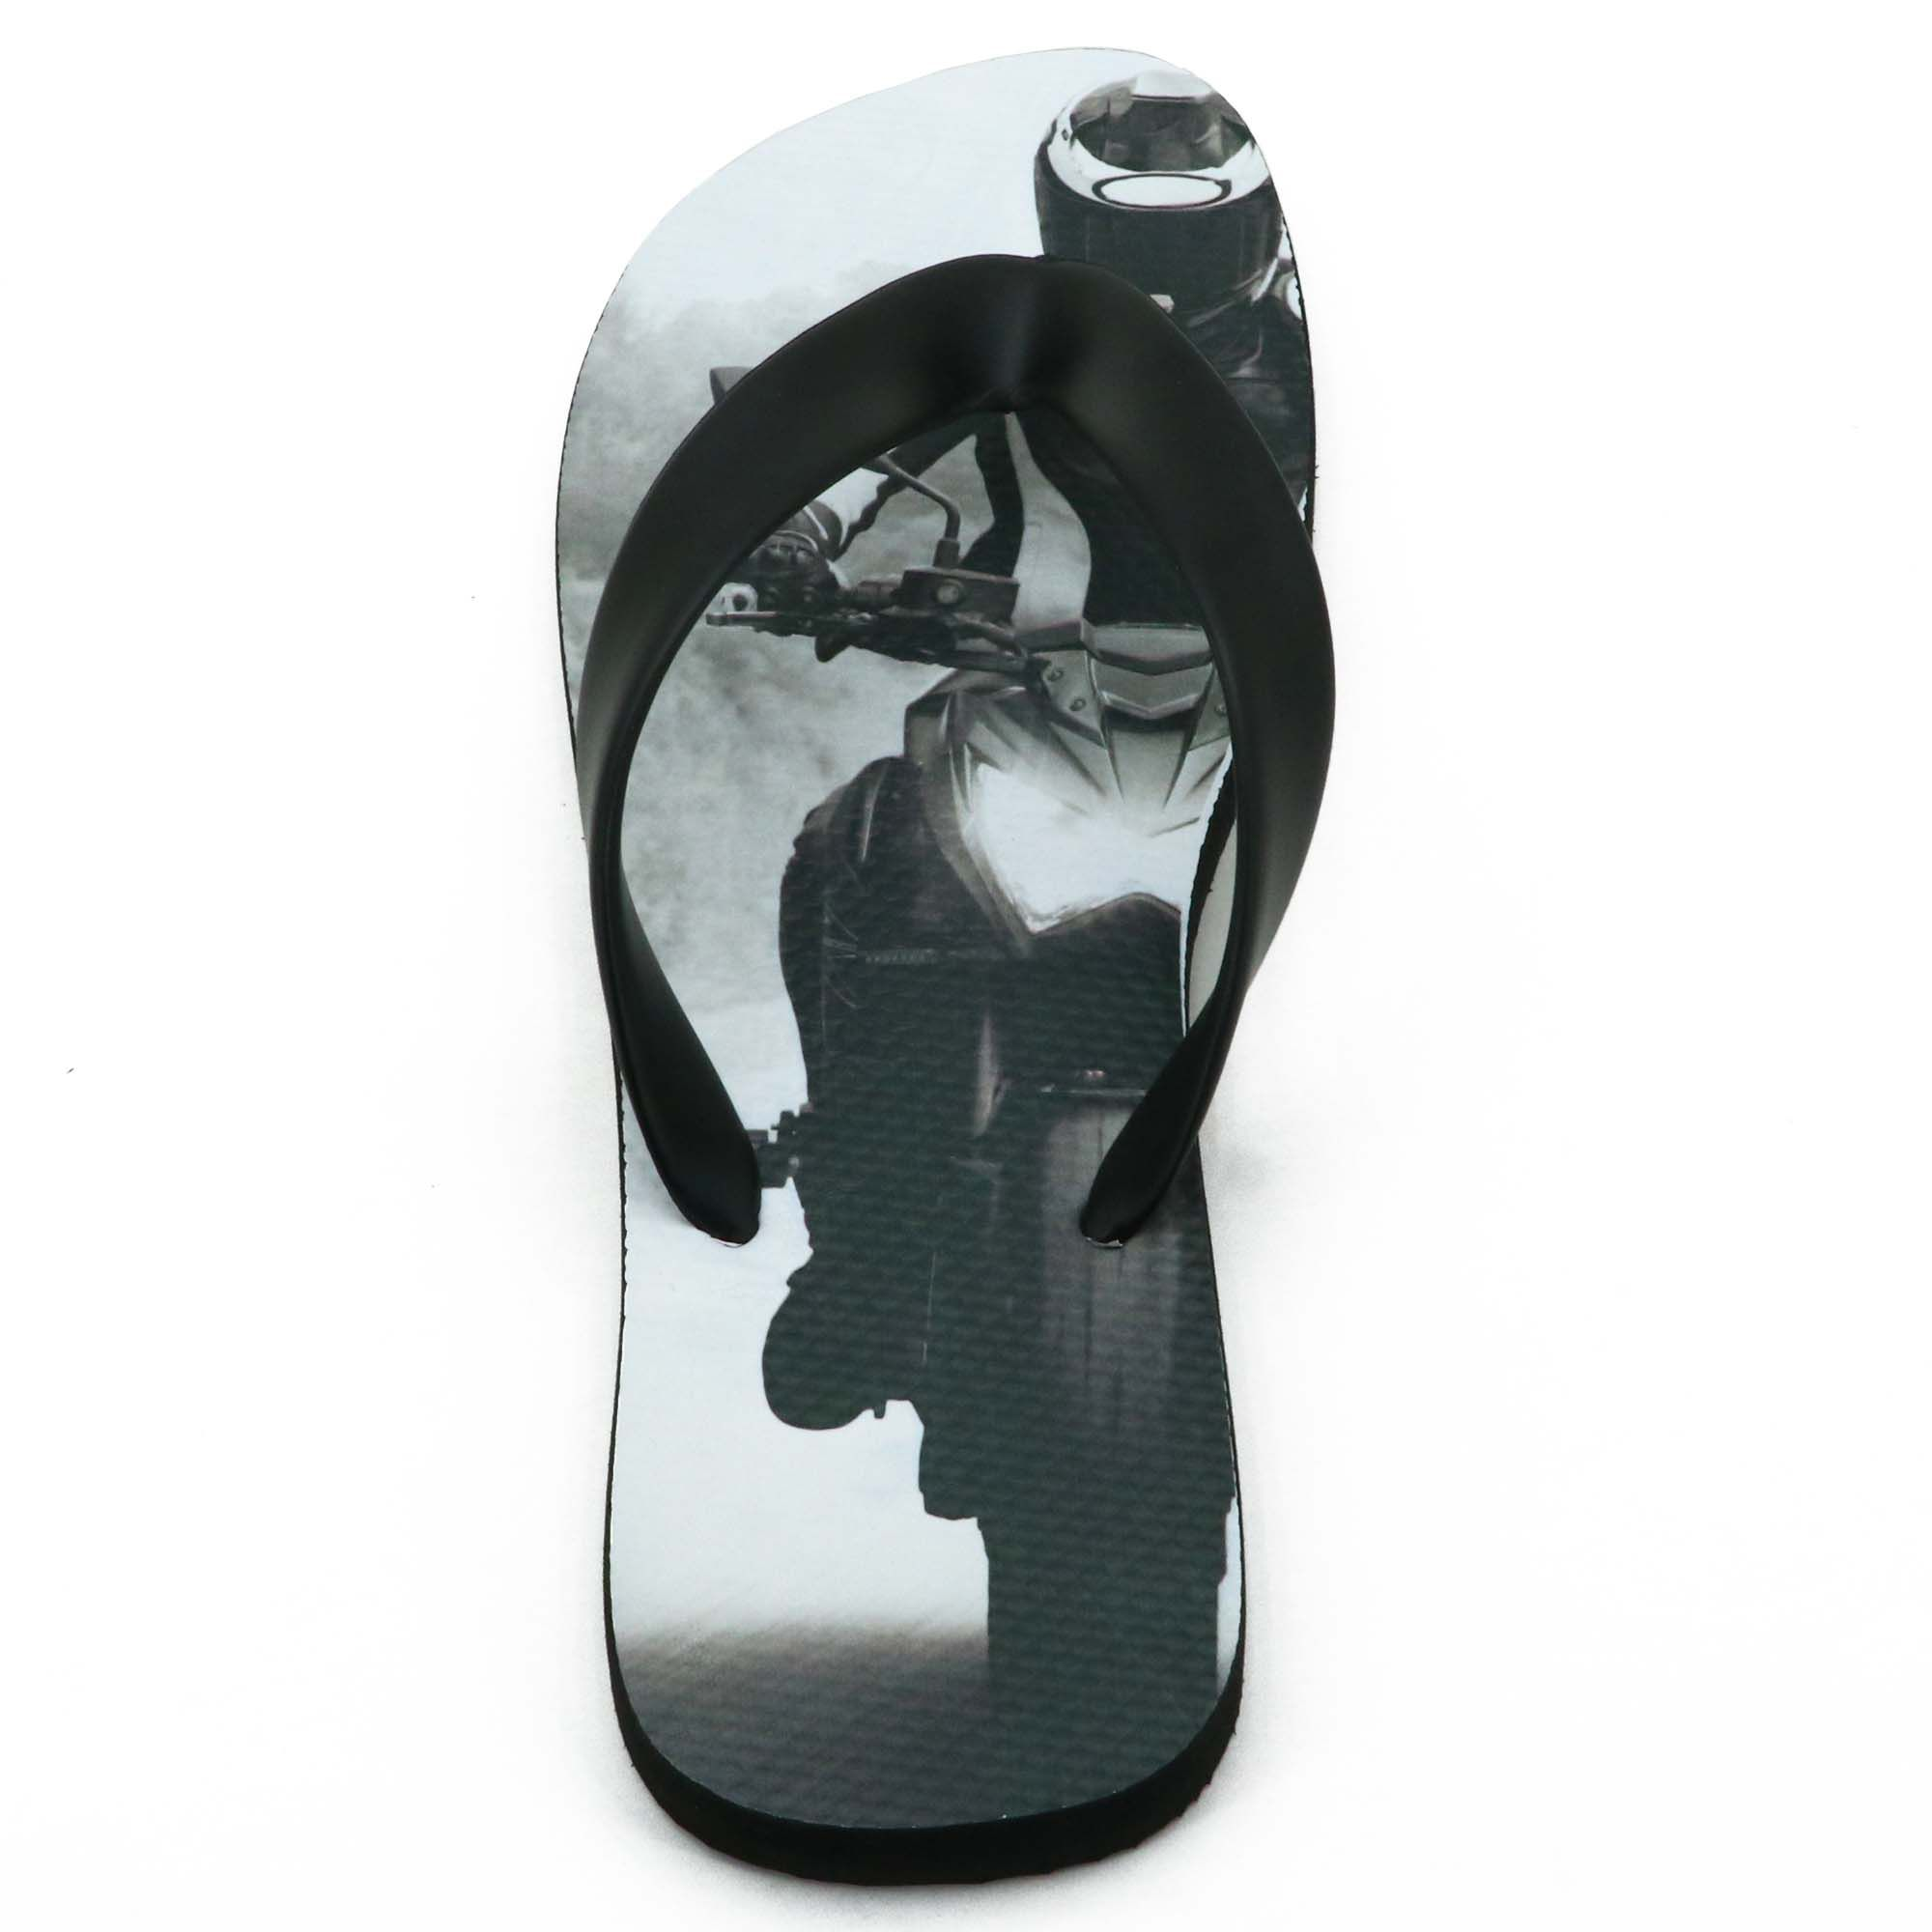 Bota Atron Shoes motociclista em couro com refletivo 301 e chinelo de borracha estampada